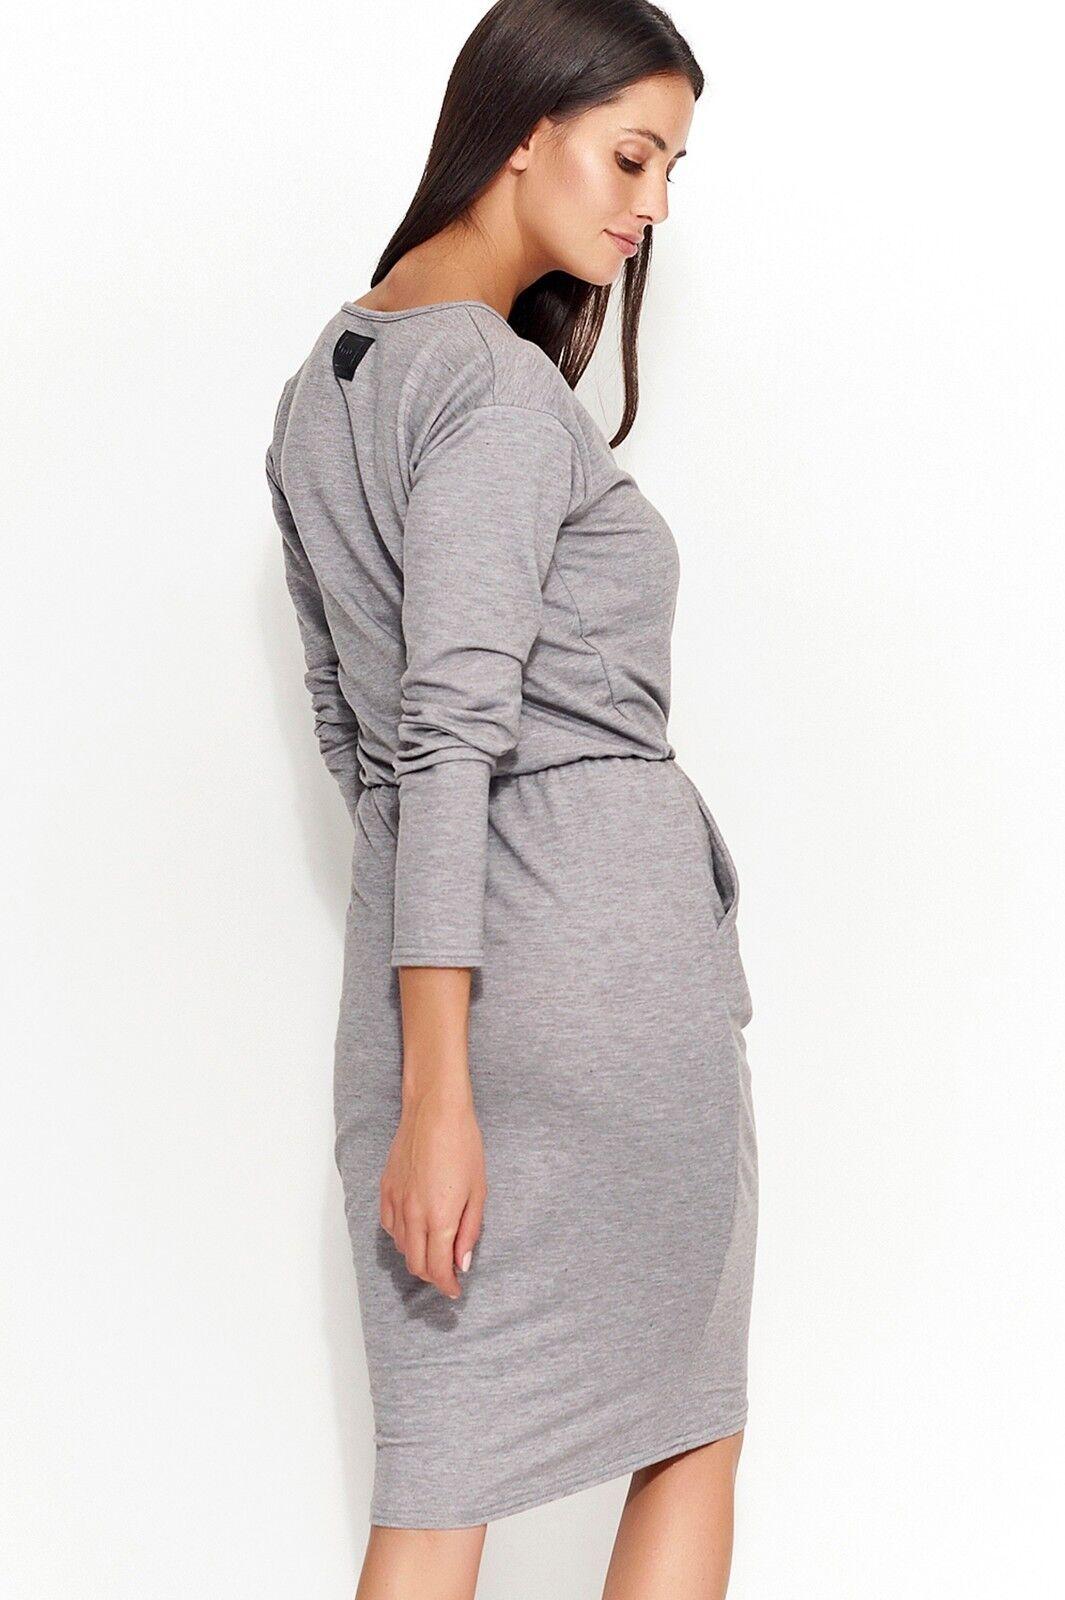 Damen Rundkragen Lange Ärmel Ärmel Ärmel Damen Midi Kleid mit Elastik Größen Taschen Fm157   | Professionelles Design  | Öffnen Sie das Interesse und die Innovation Ihres Kindes, aber auch die Unschuld von Kindern, kindlich, glücklich  | Schöne Kunst  | Das hochwe 971ca8